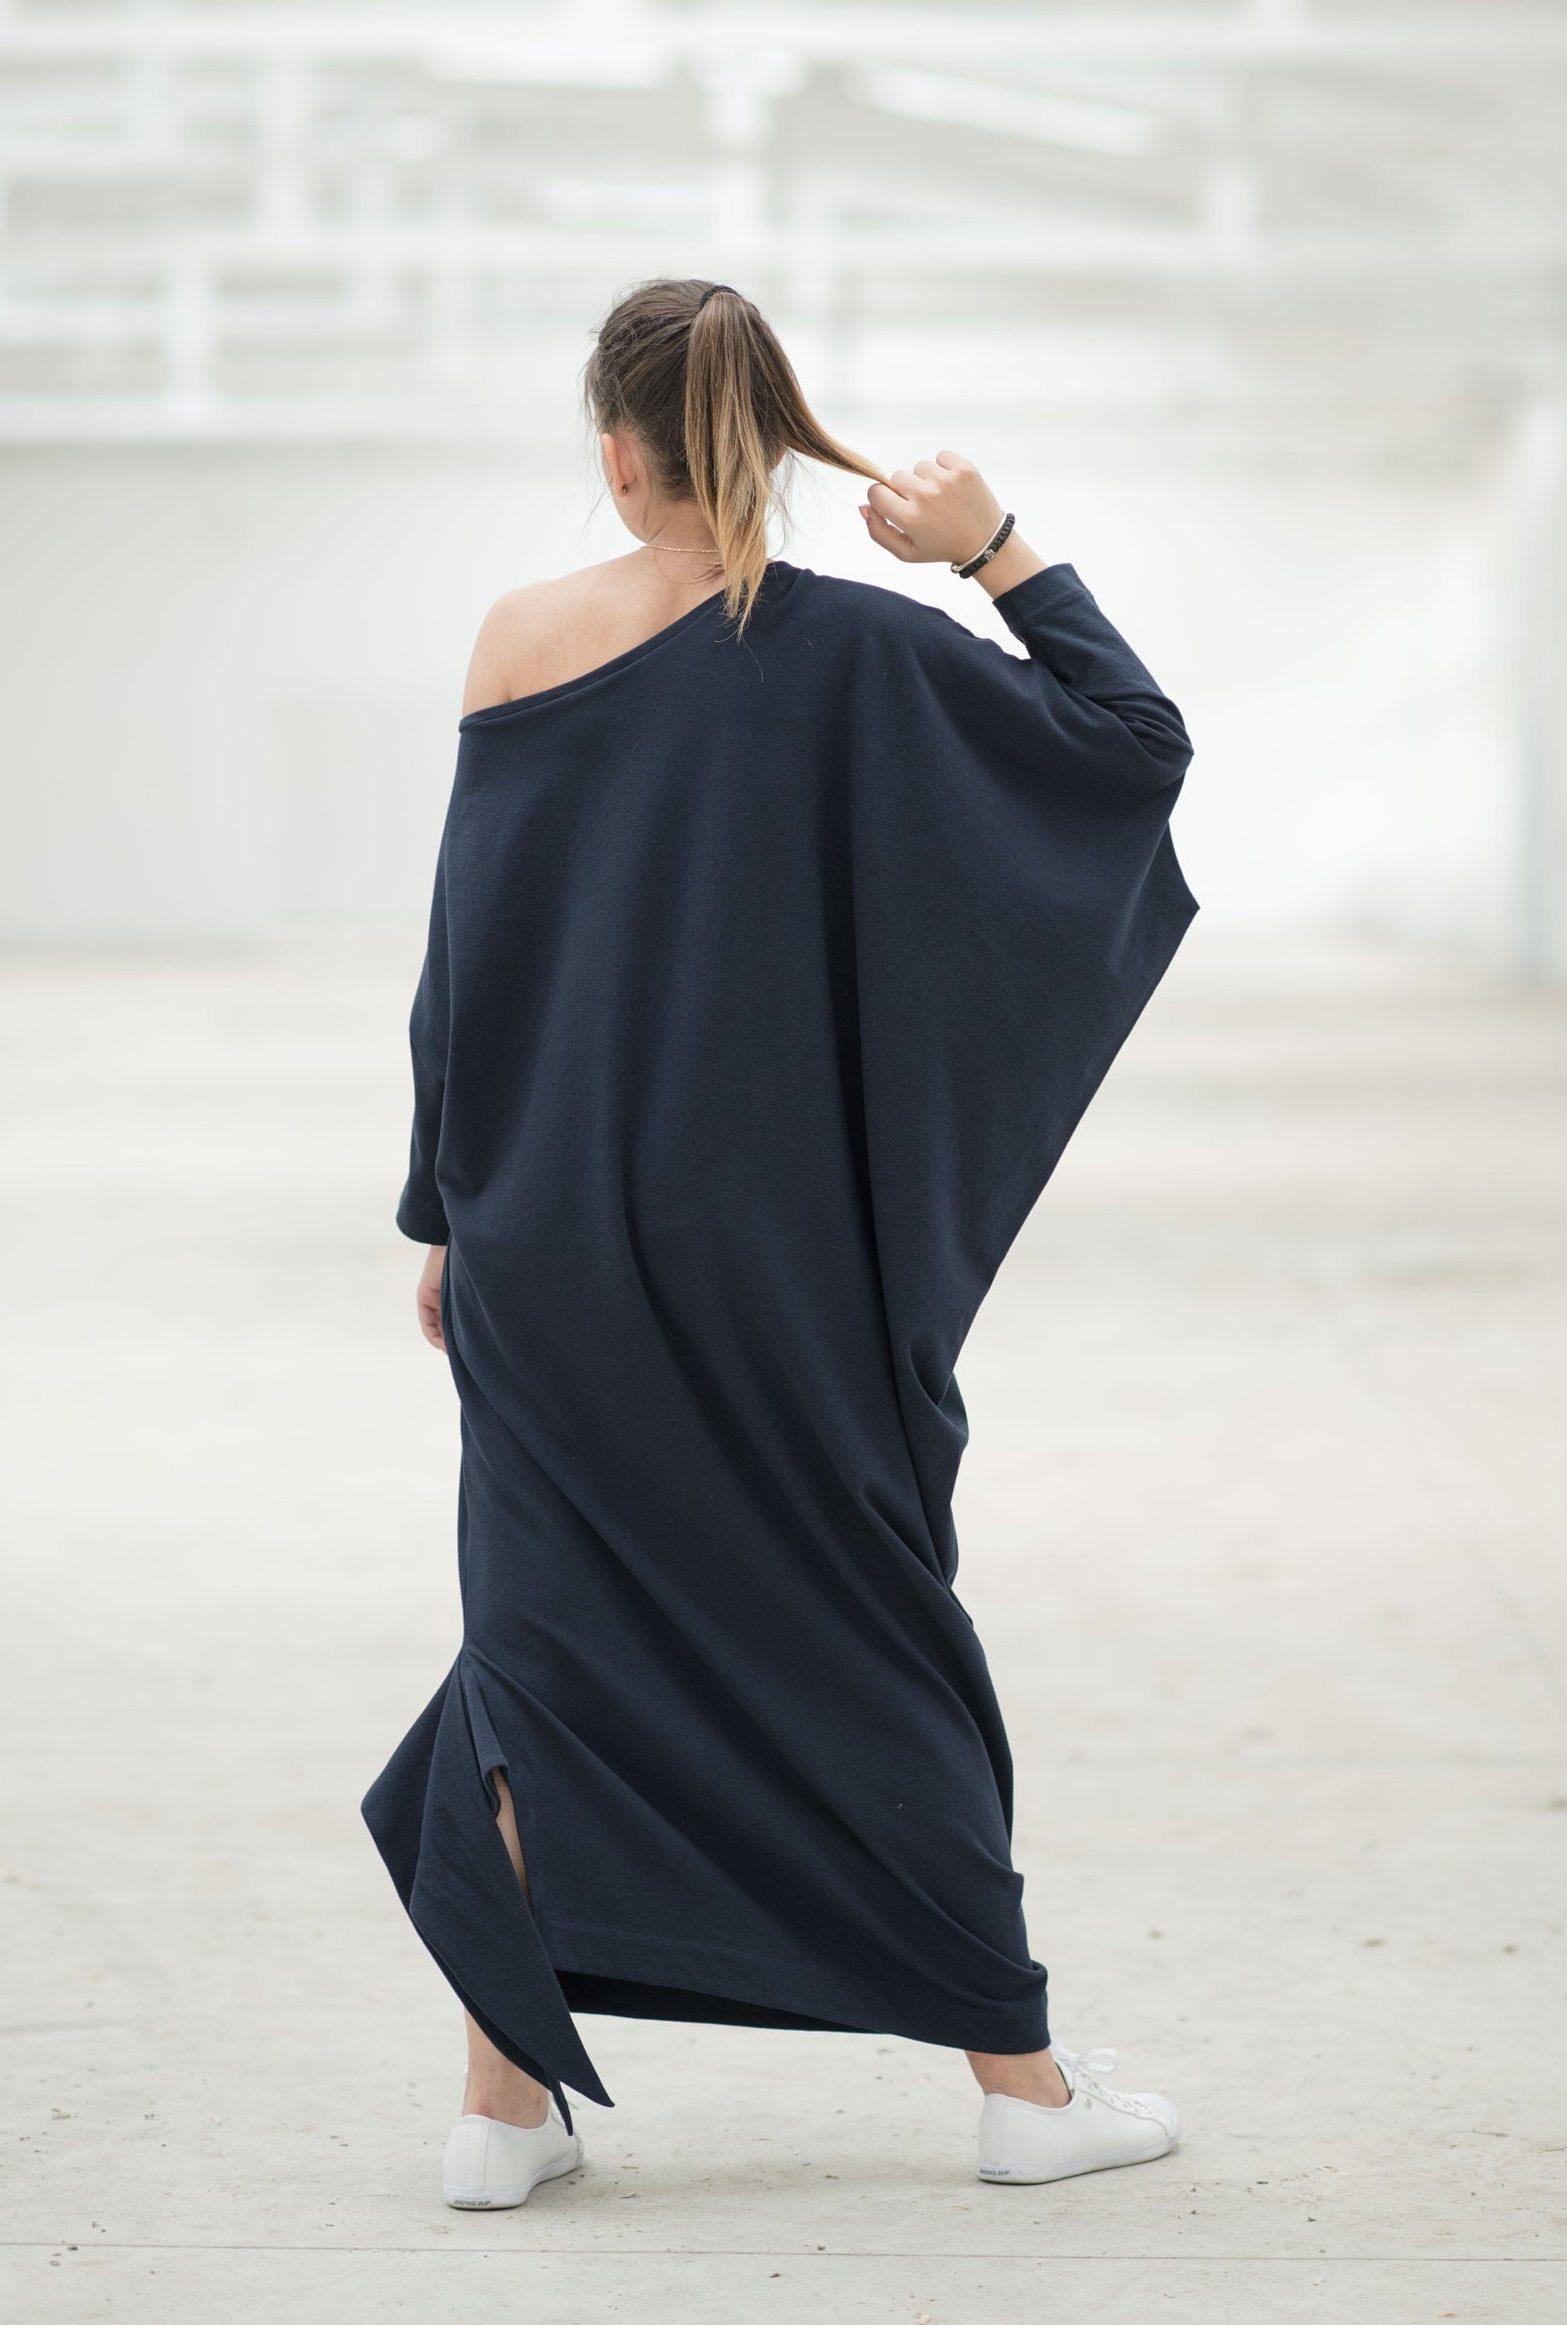 Off The Shoulder Maxi Dress - ALLSEAMS